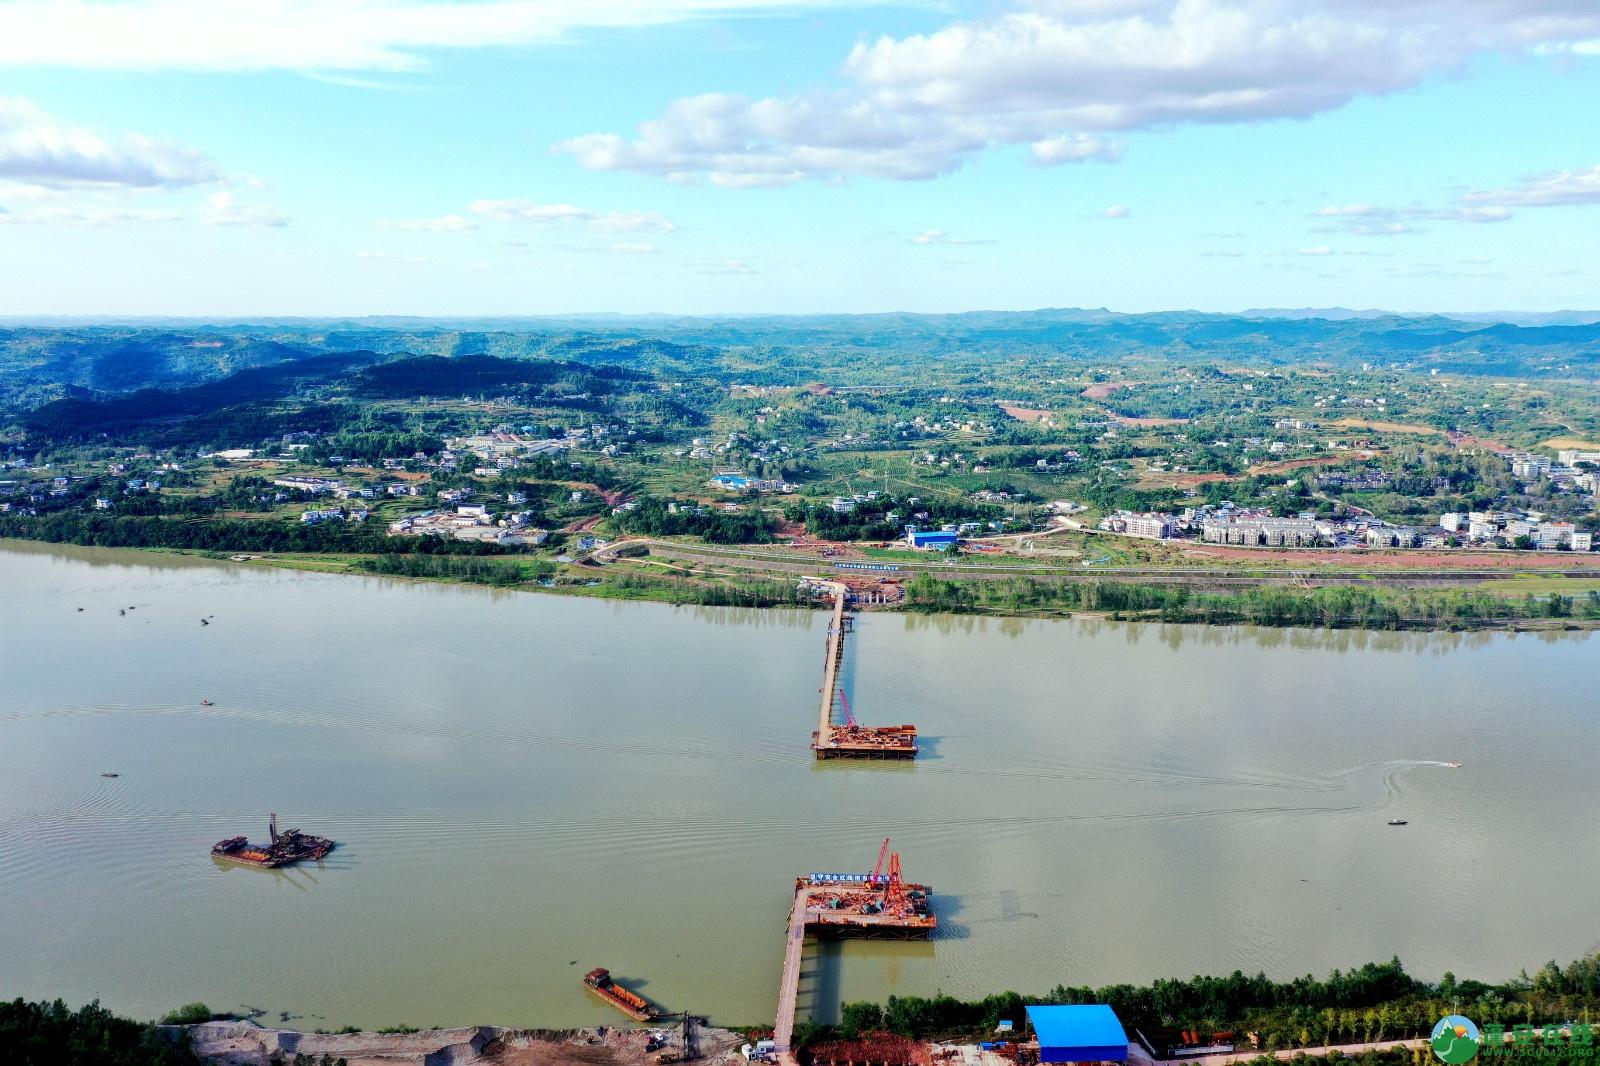 蓬安县顺蓬营一级公路最新进展(2019.10.16) - 第1张  | 蓬安在线